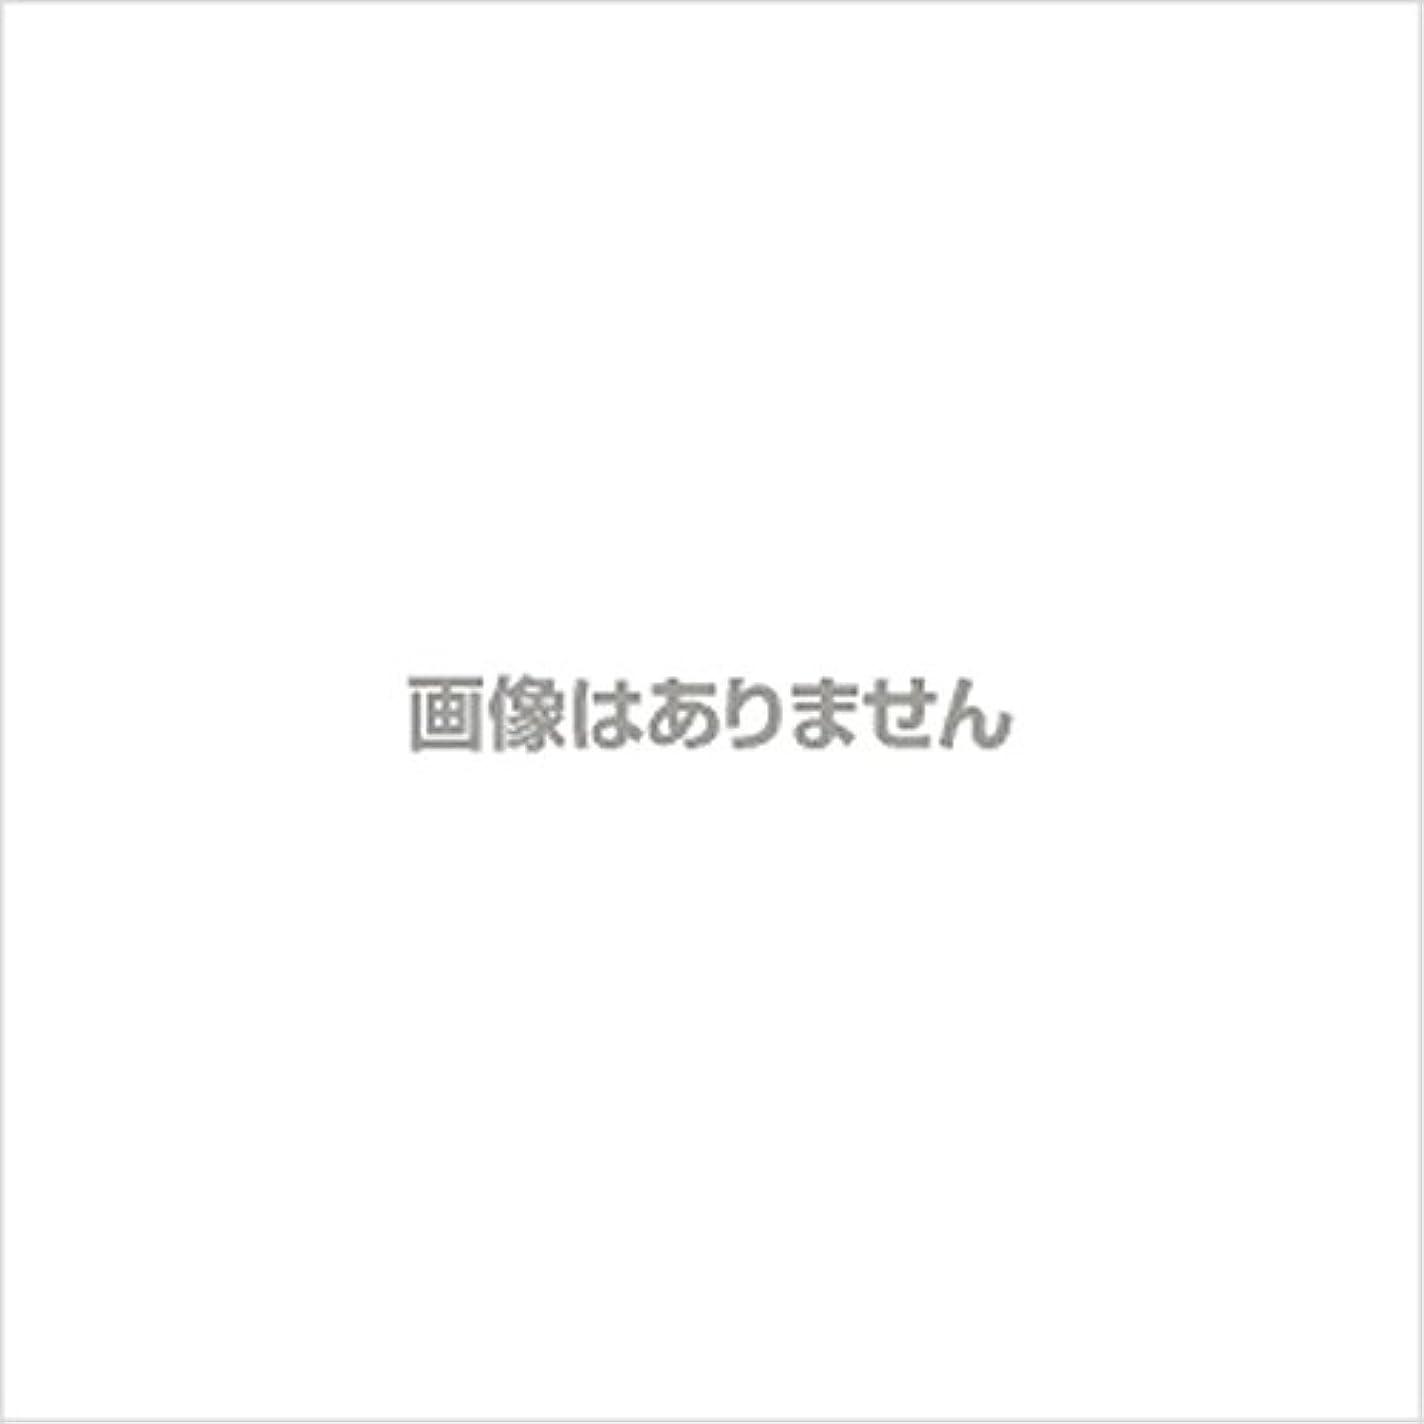 もっともらしい氷誰も【新発売】EBUKEA エブケアNO1002 プラスチックグローブ(粉付)Mサイズ 100枚入(極薄?半透明)